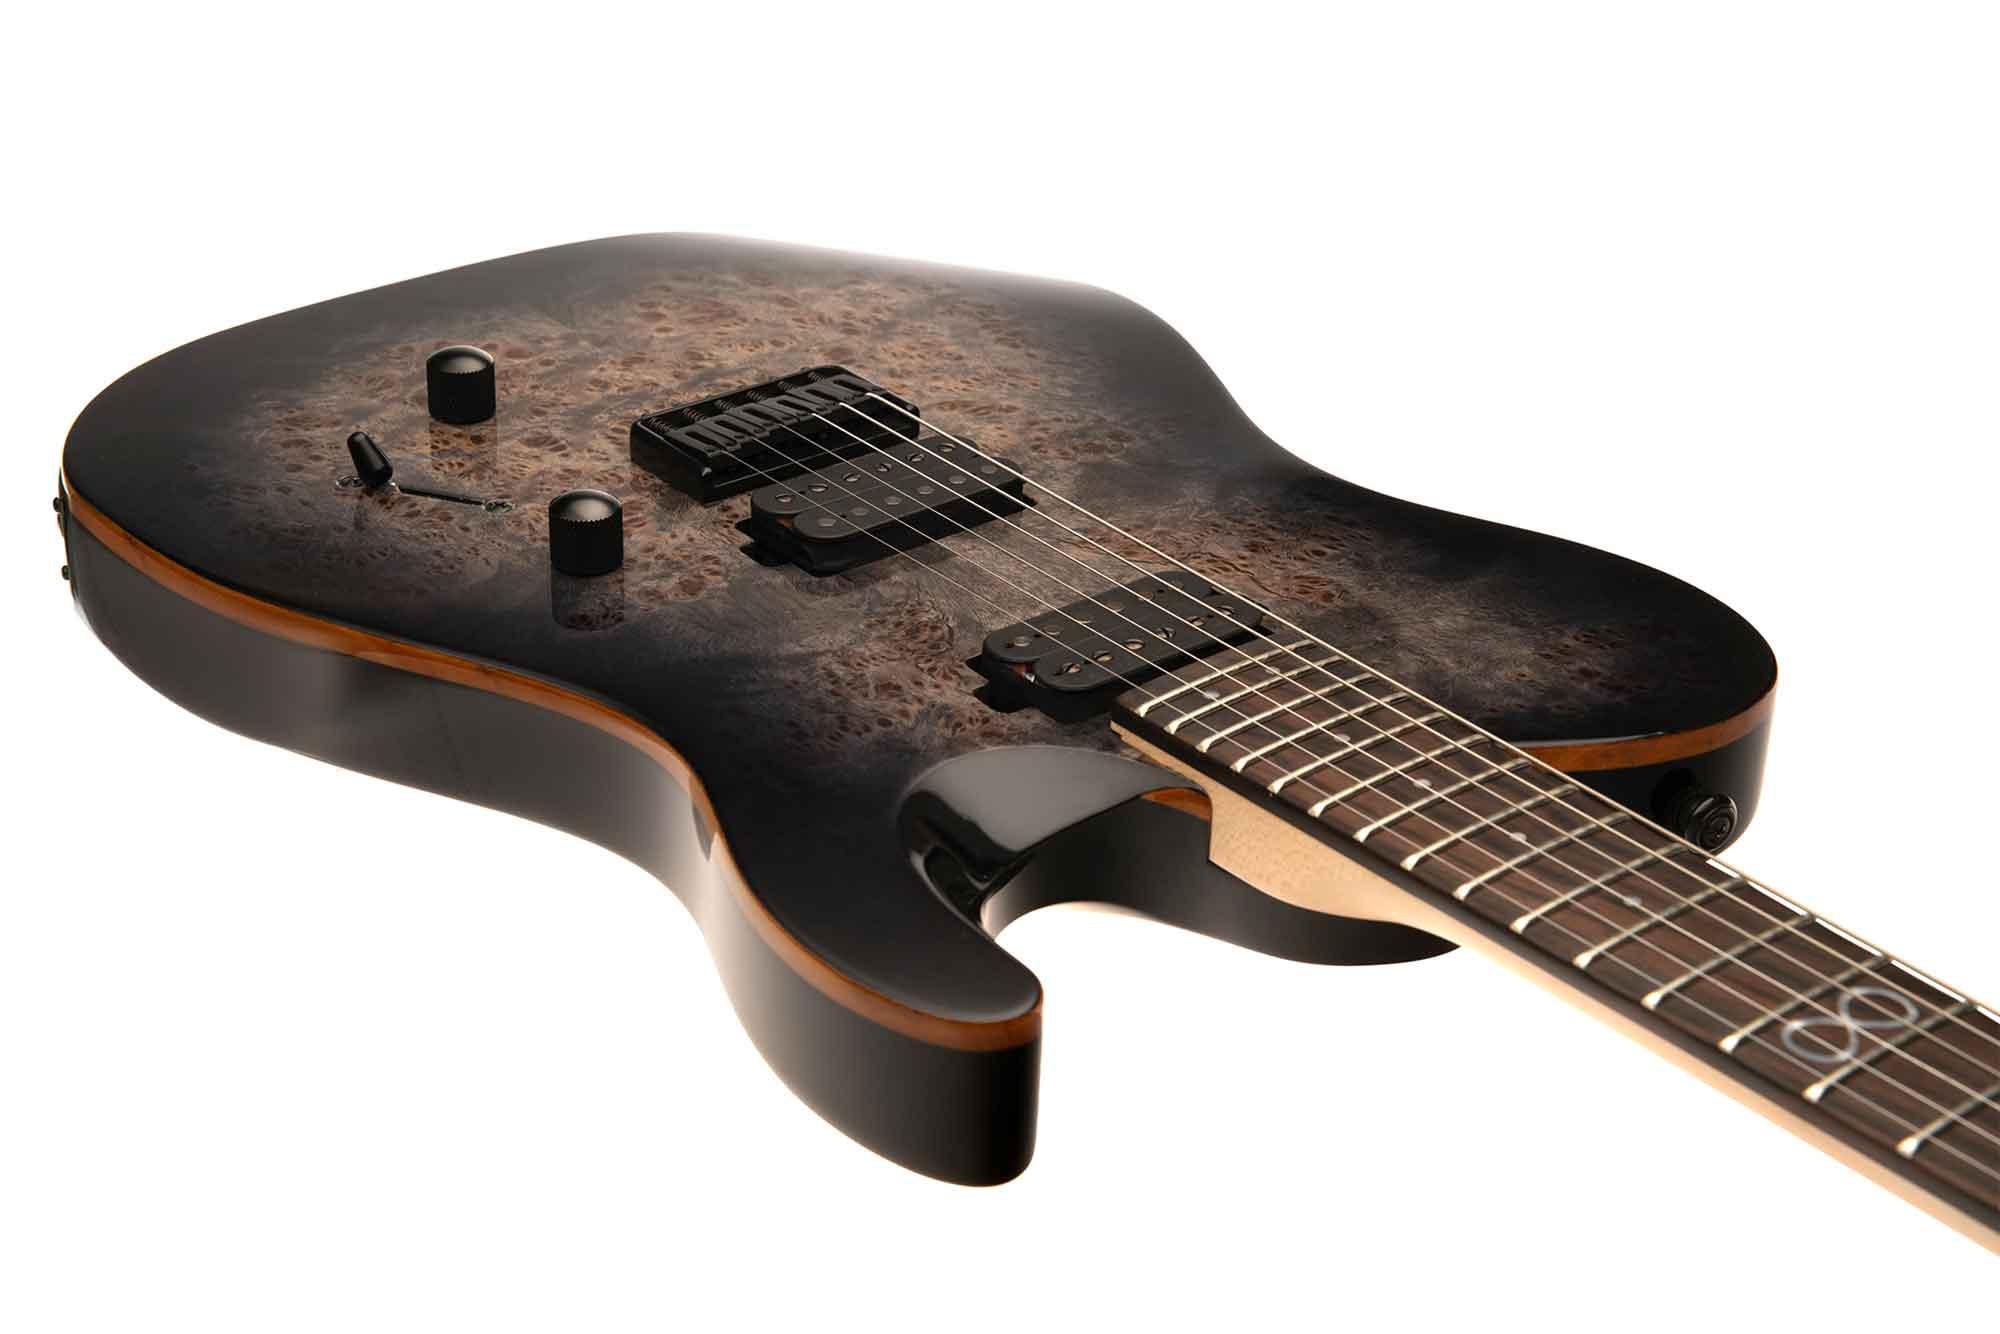 גיטרה חשמלית Chapman ML3 Standard Storm Burst Limited Edition